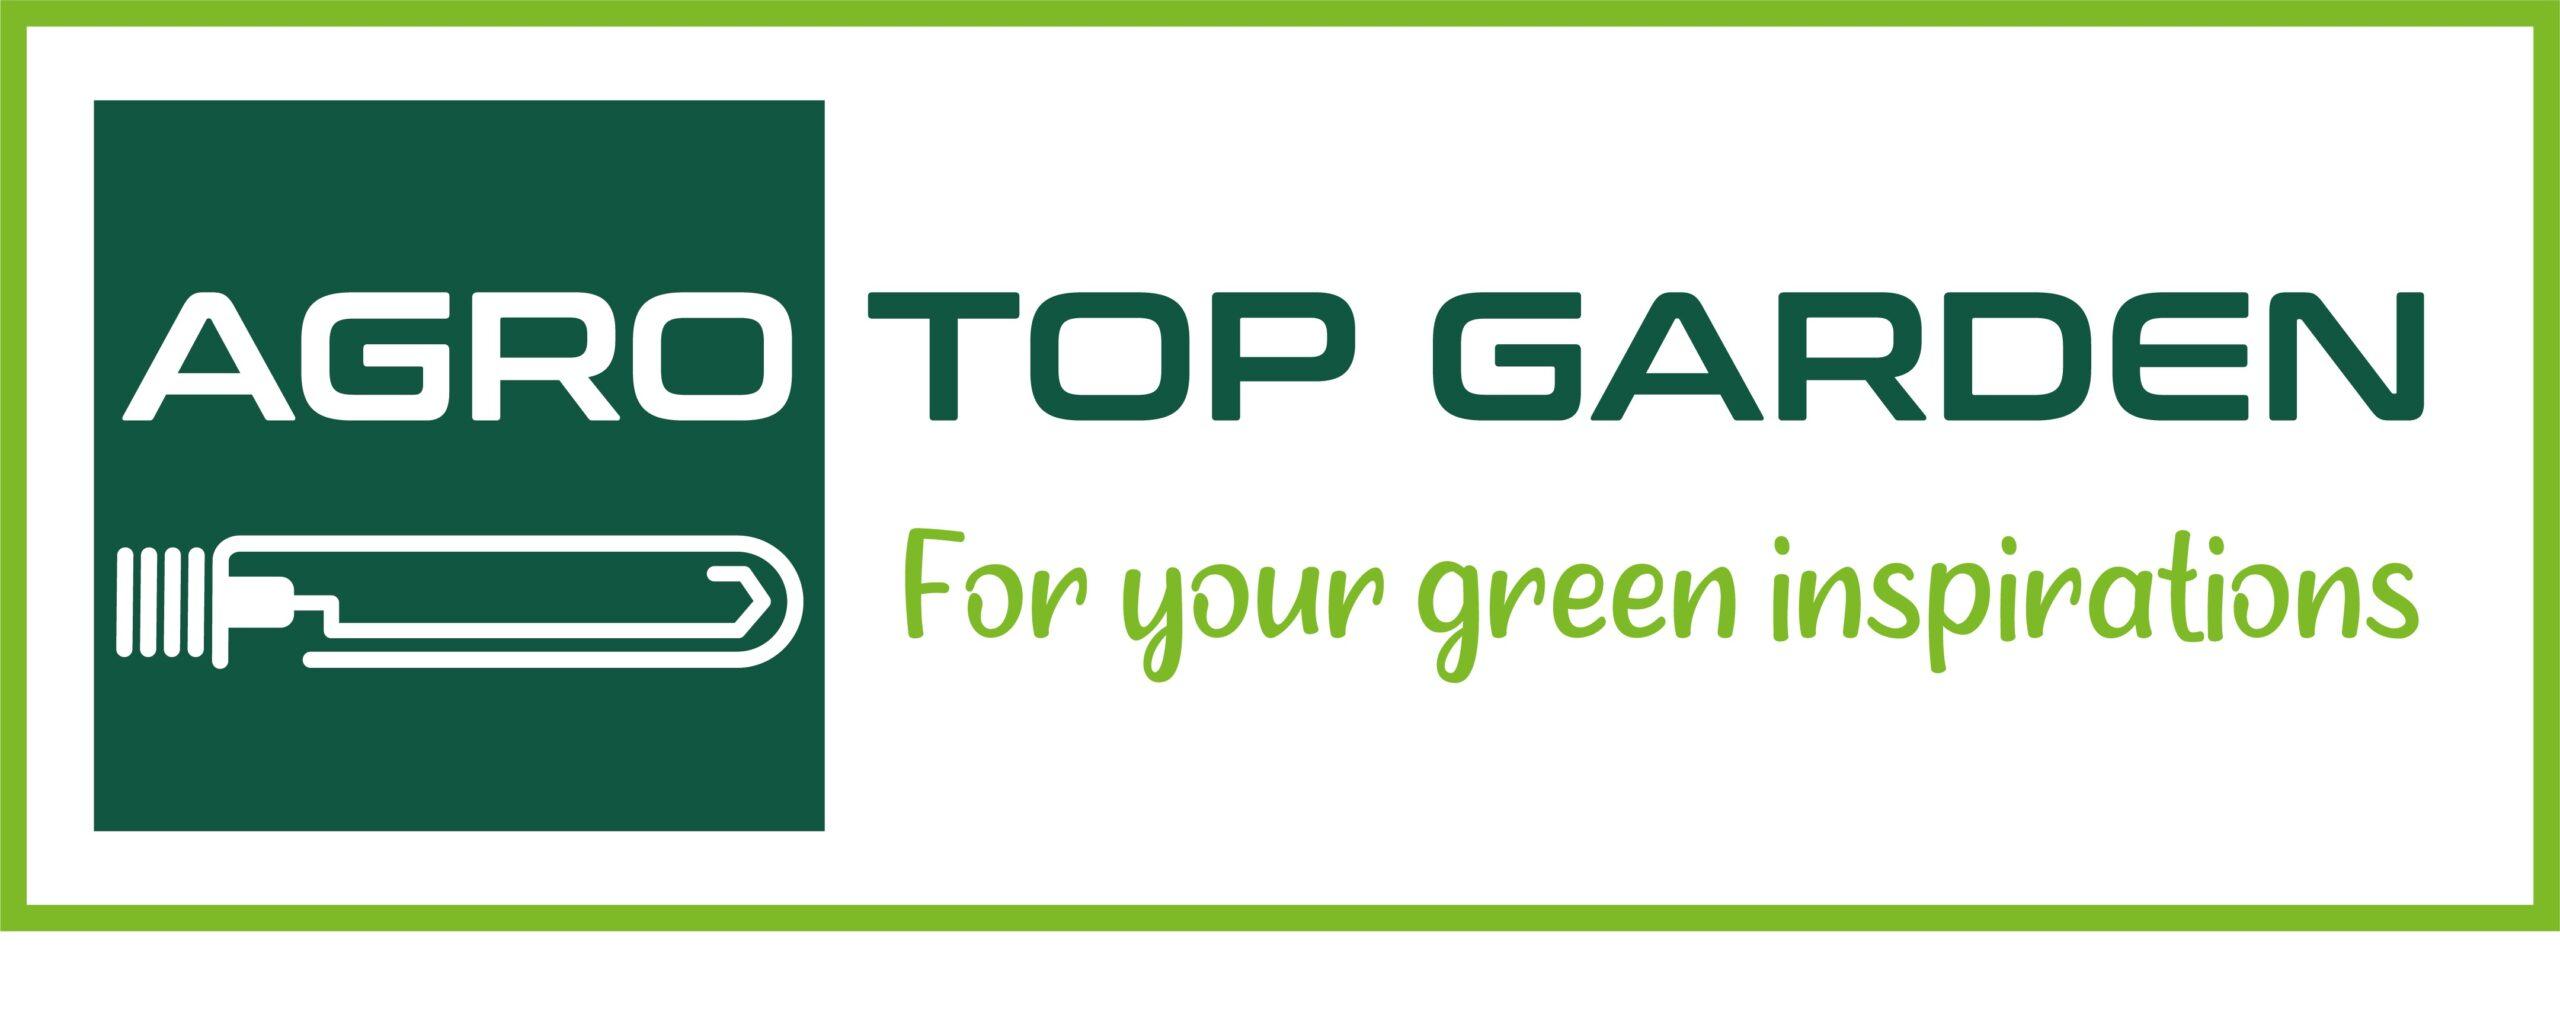 Agro Top Garden